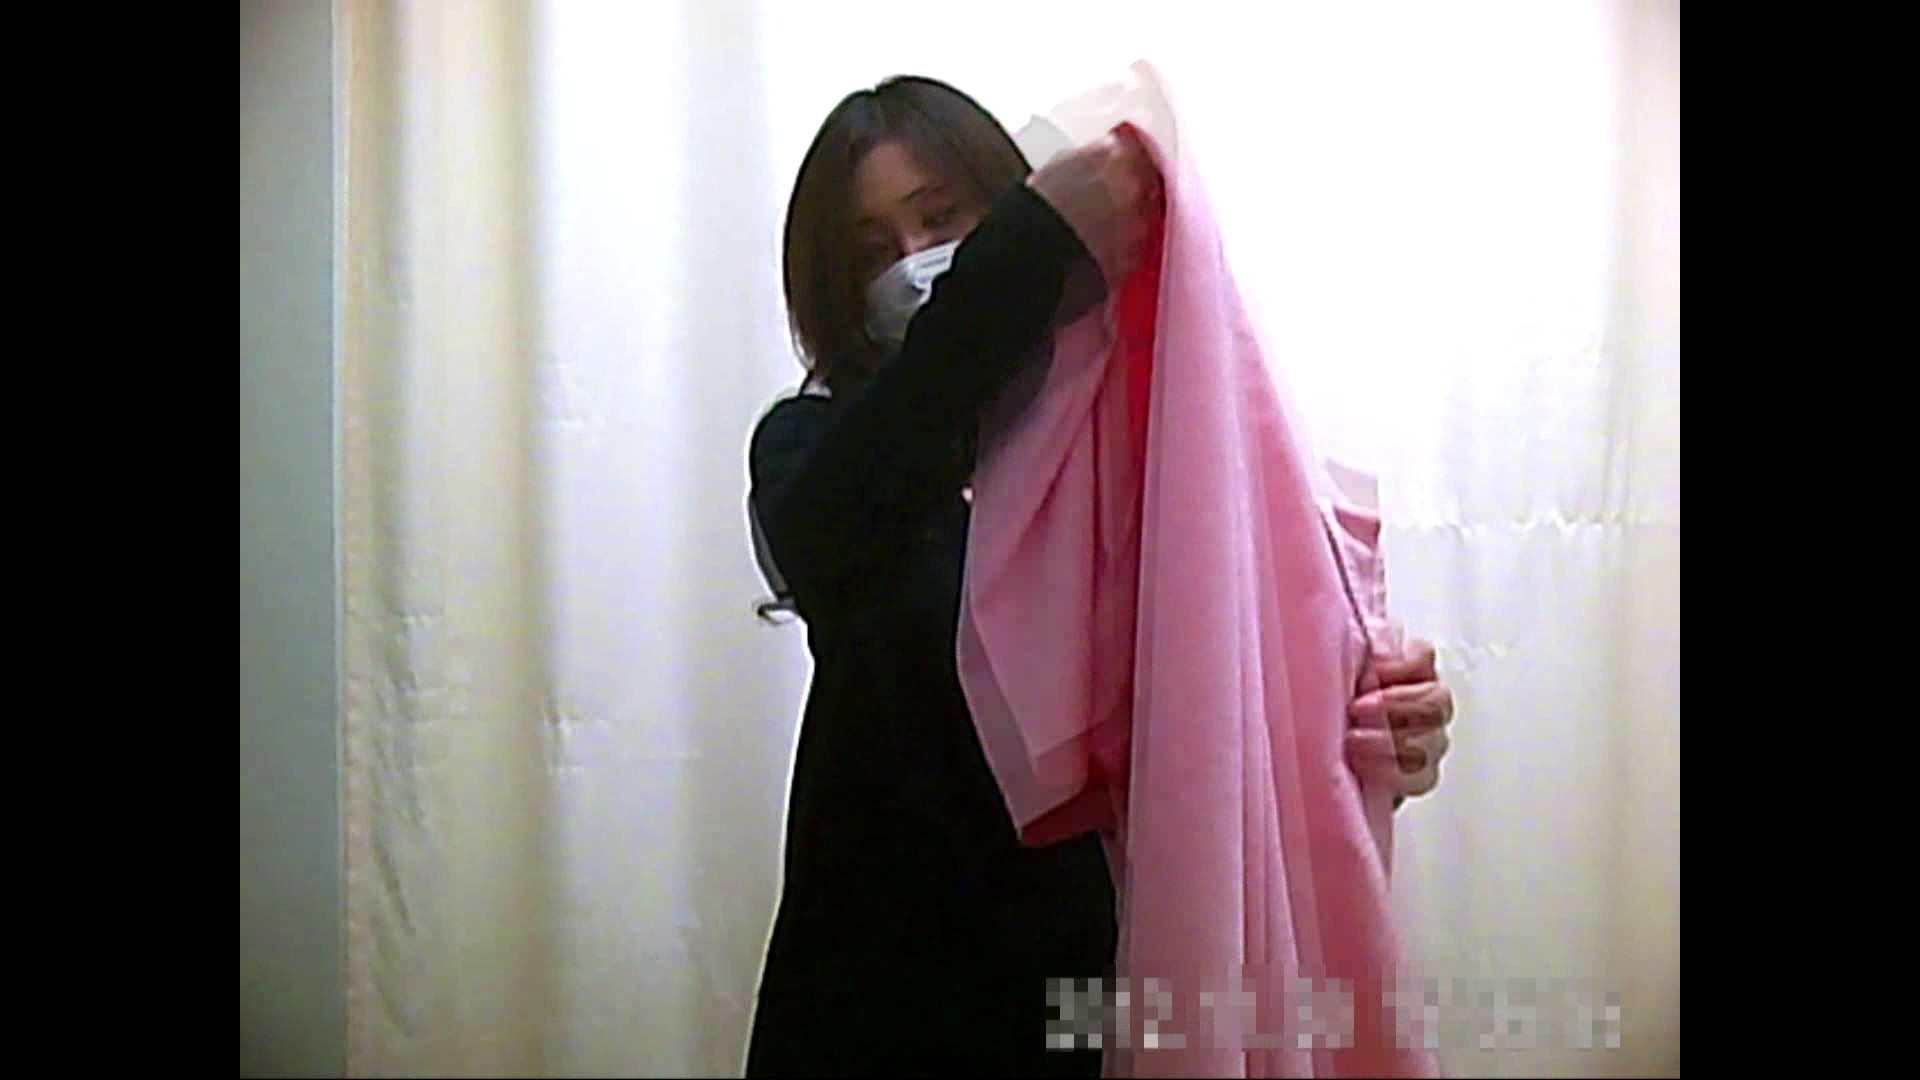 病院おもいっきり着替え! vol.165 着替え のぞき動画画像 89pic 18